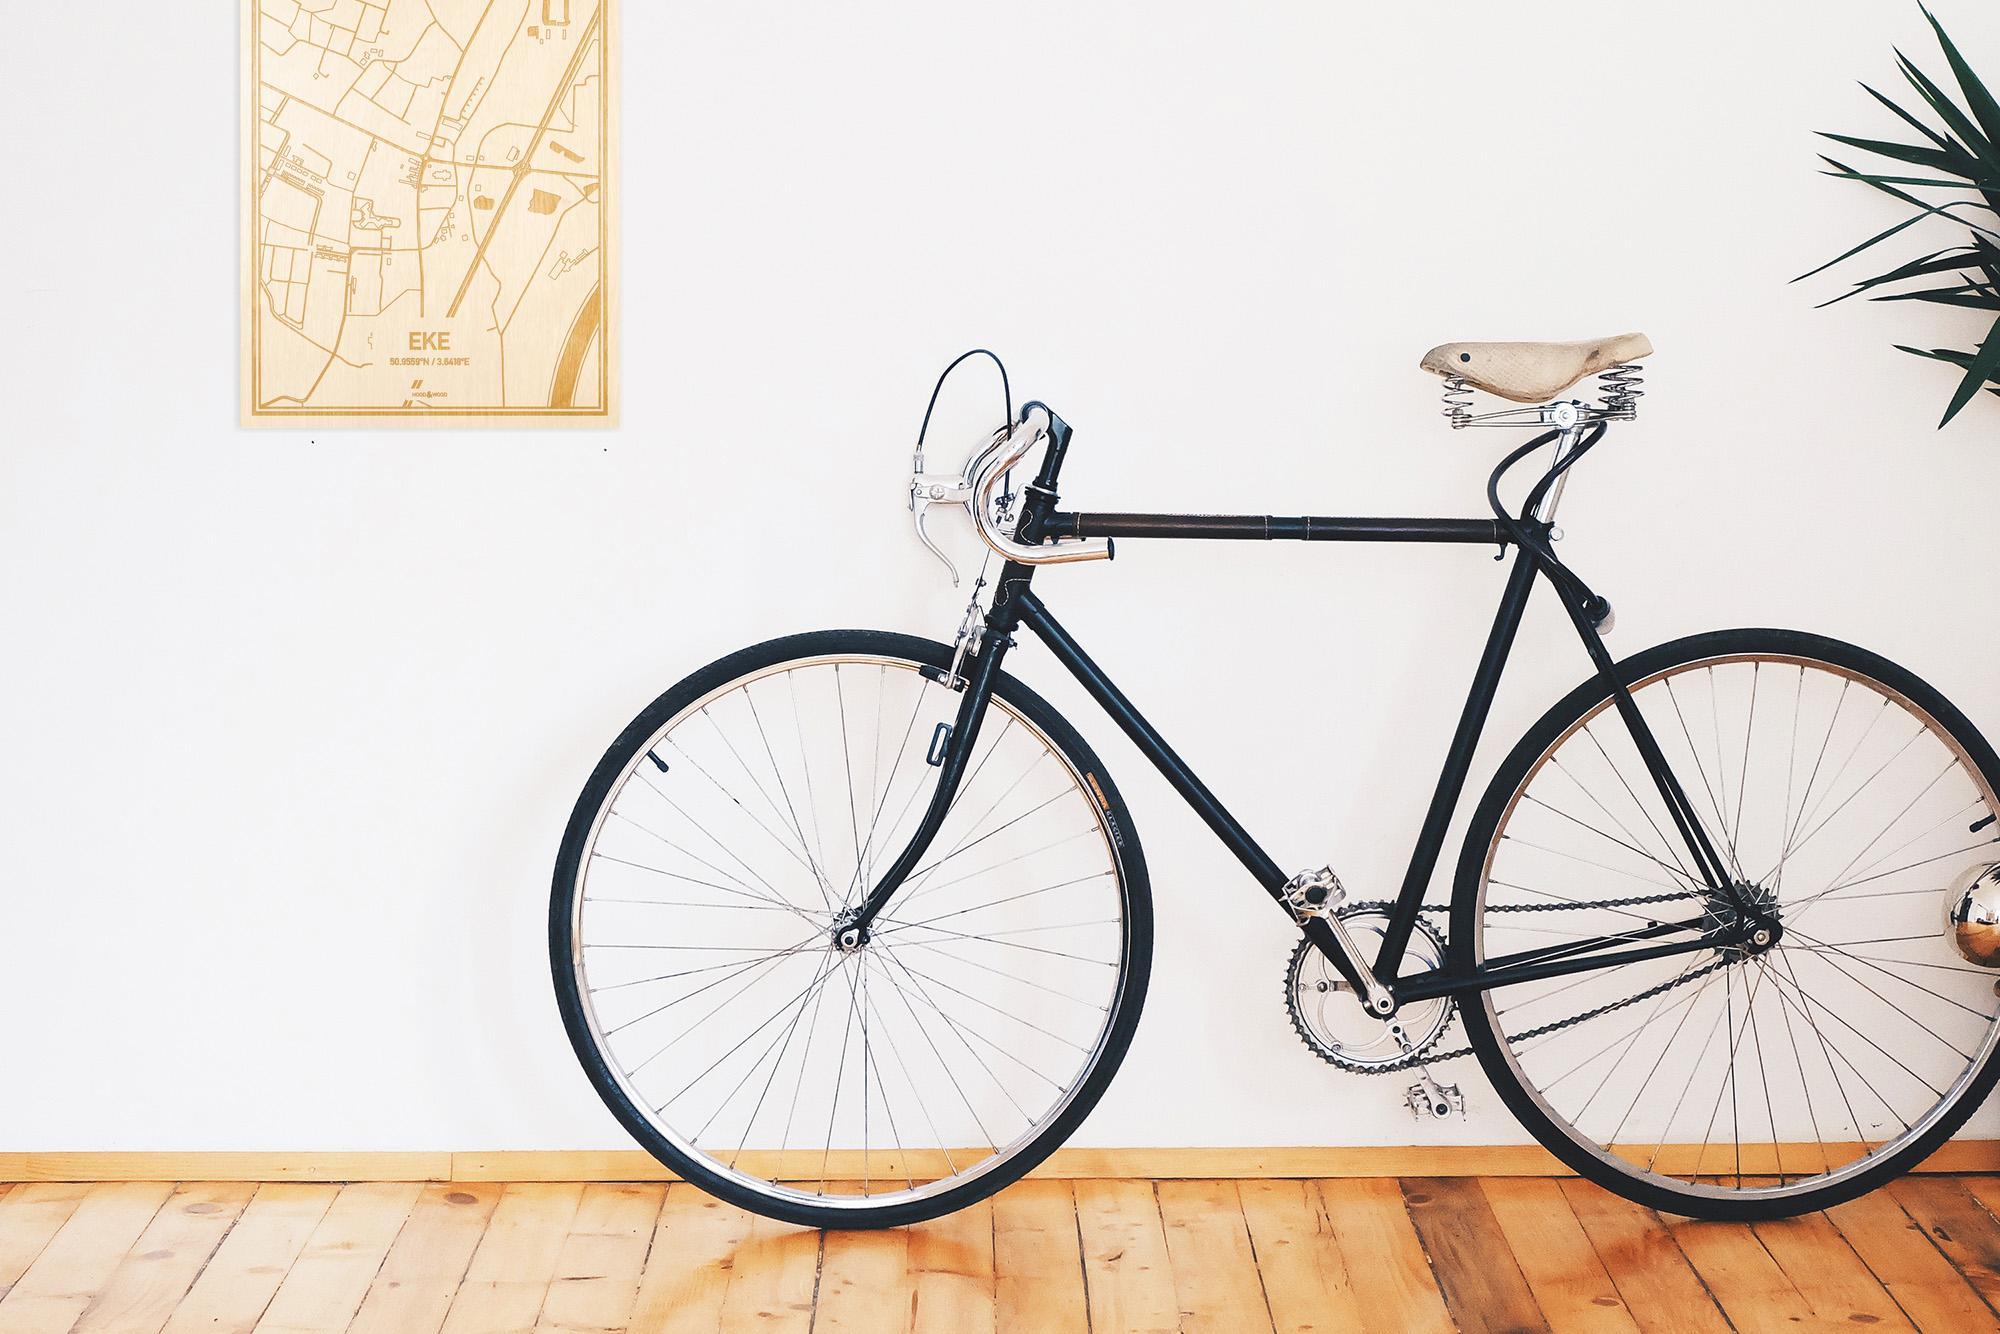 Een snelle fiets in een uniek interieur in Oost-Vlaanderen  met mooie decoratie zoals de plattegrond Eke.